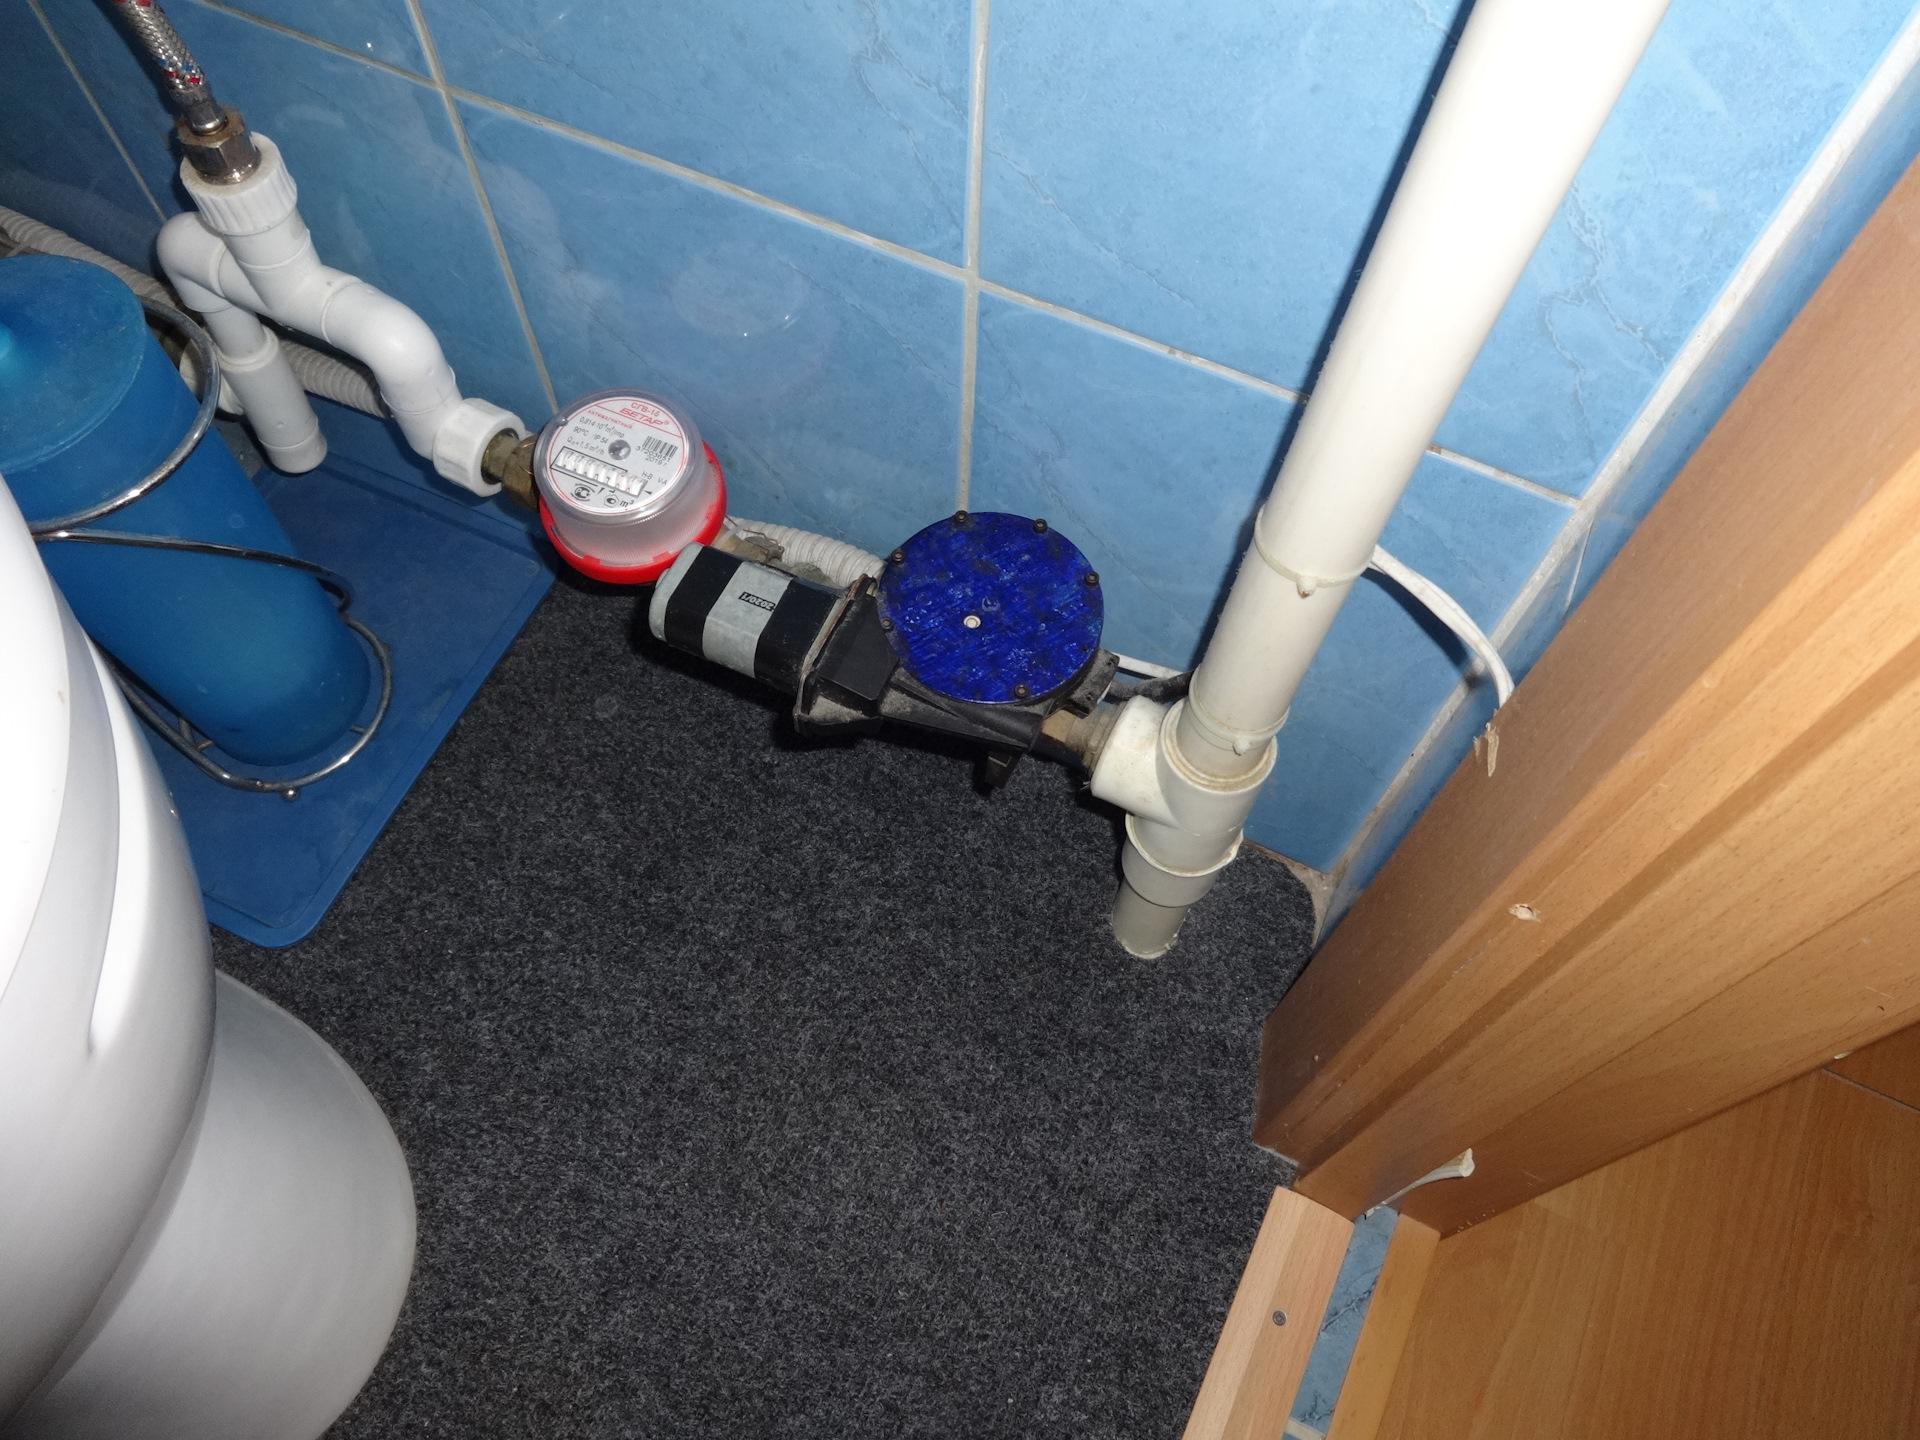 система контроля протечки воды своими руками